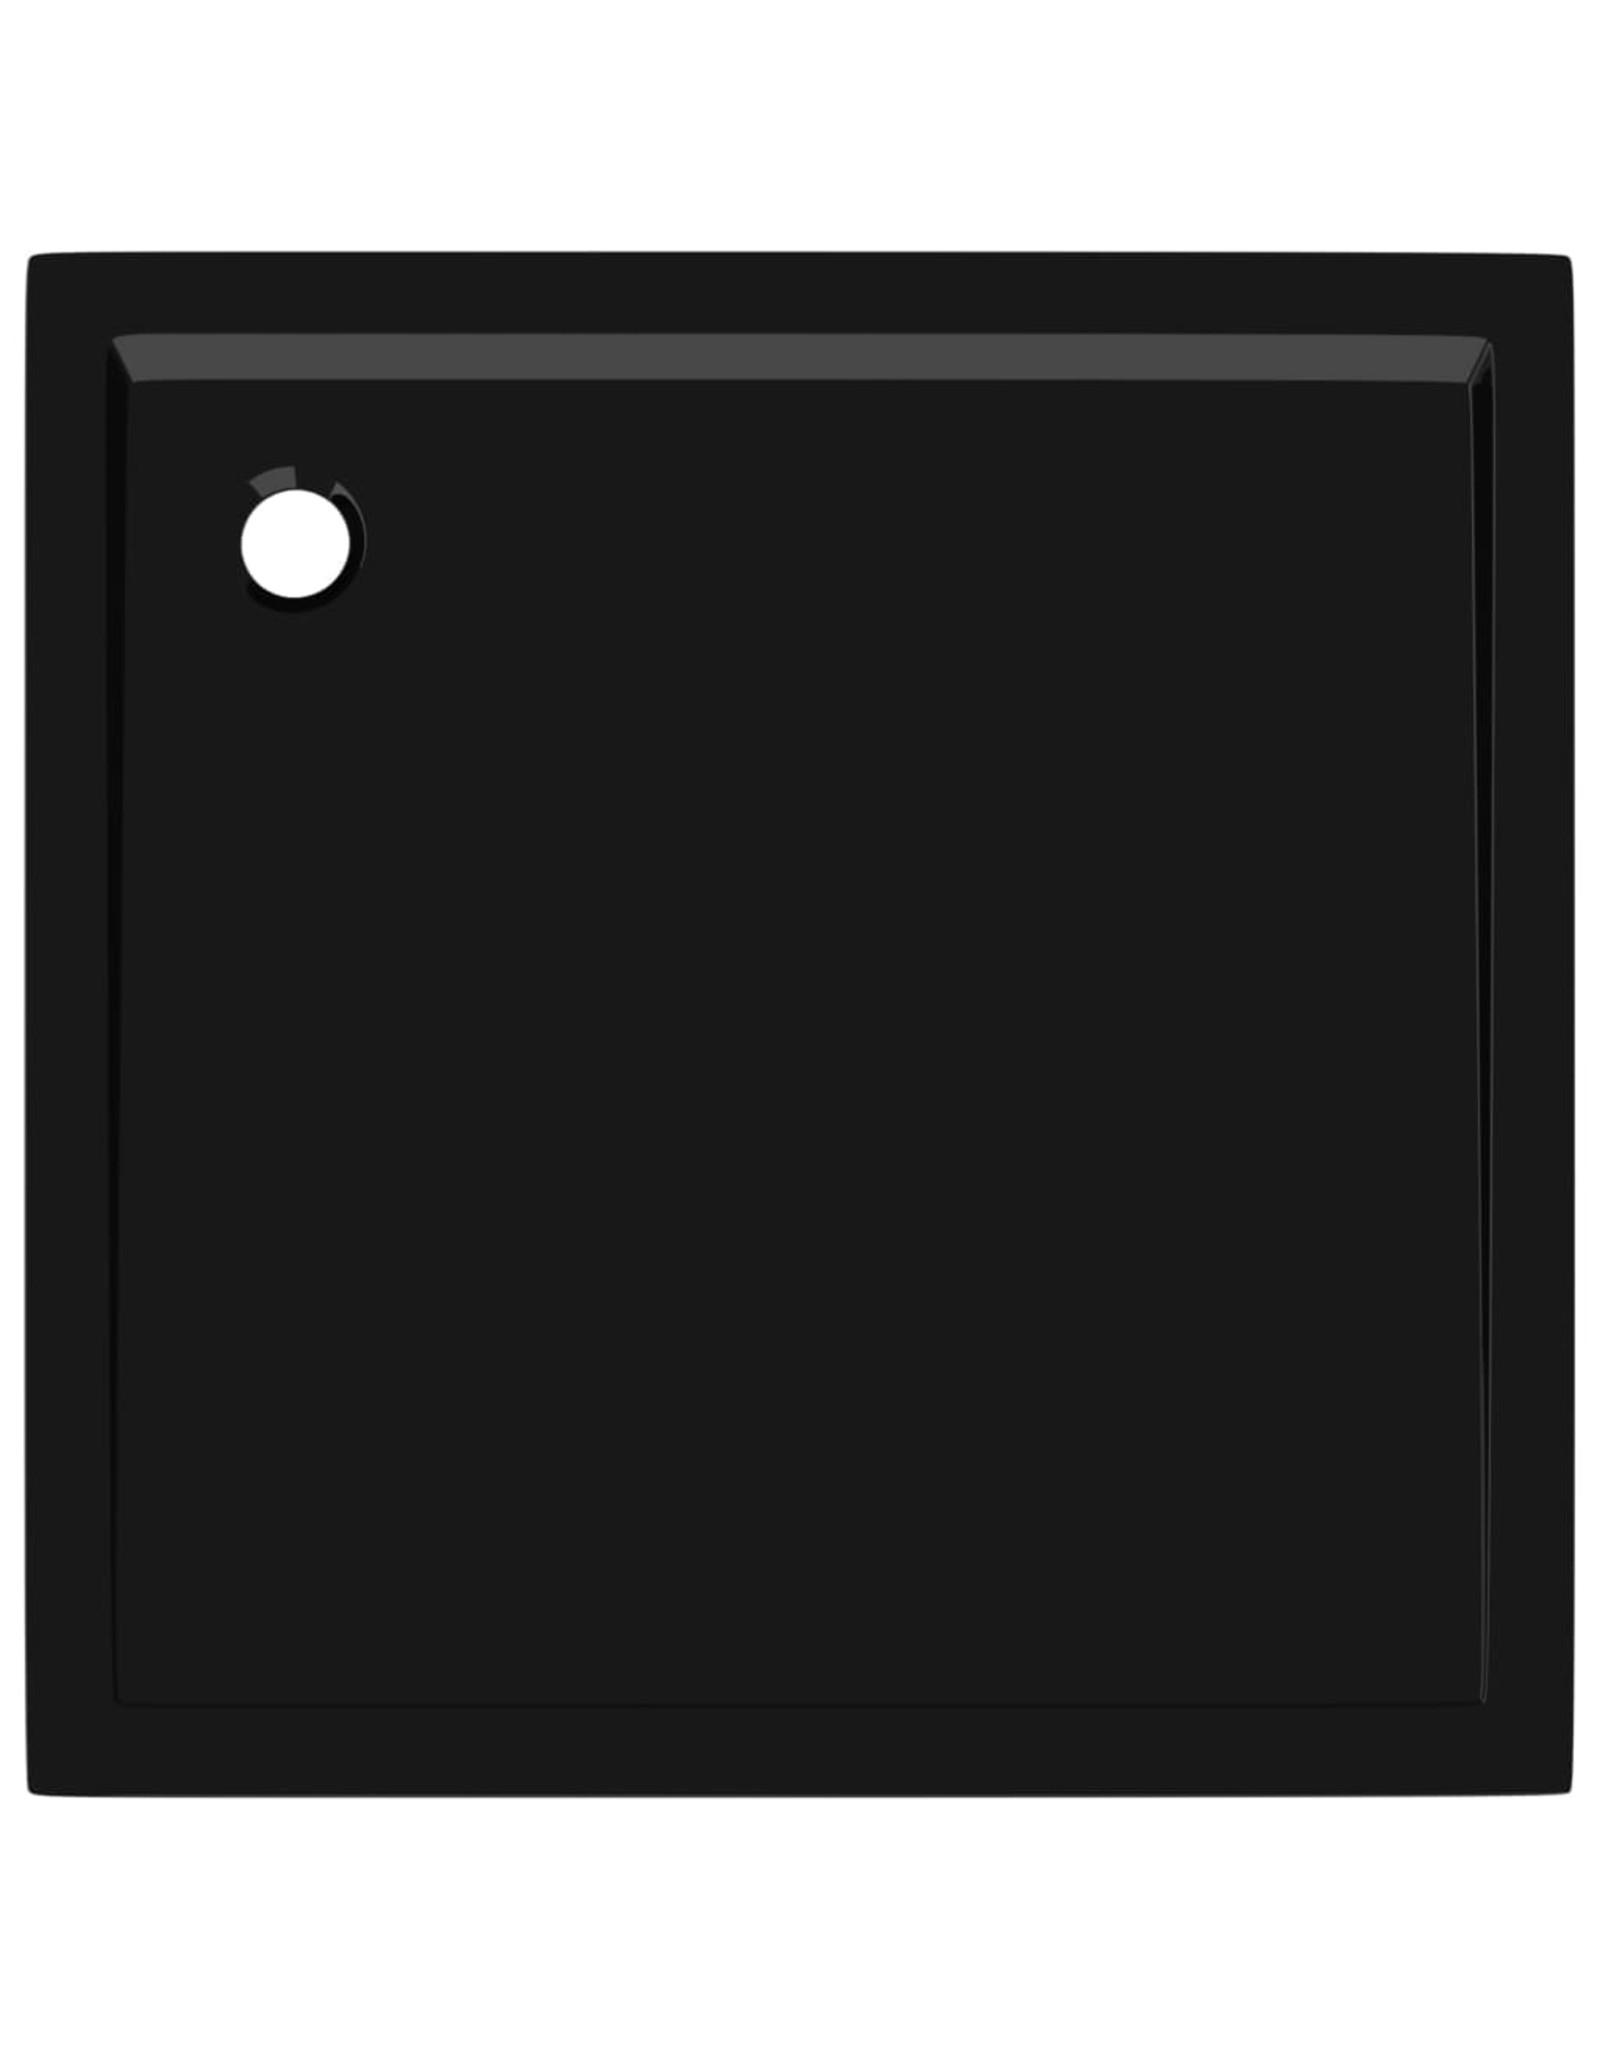 Douchebak vierkant 80x80 cm ABS zwart